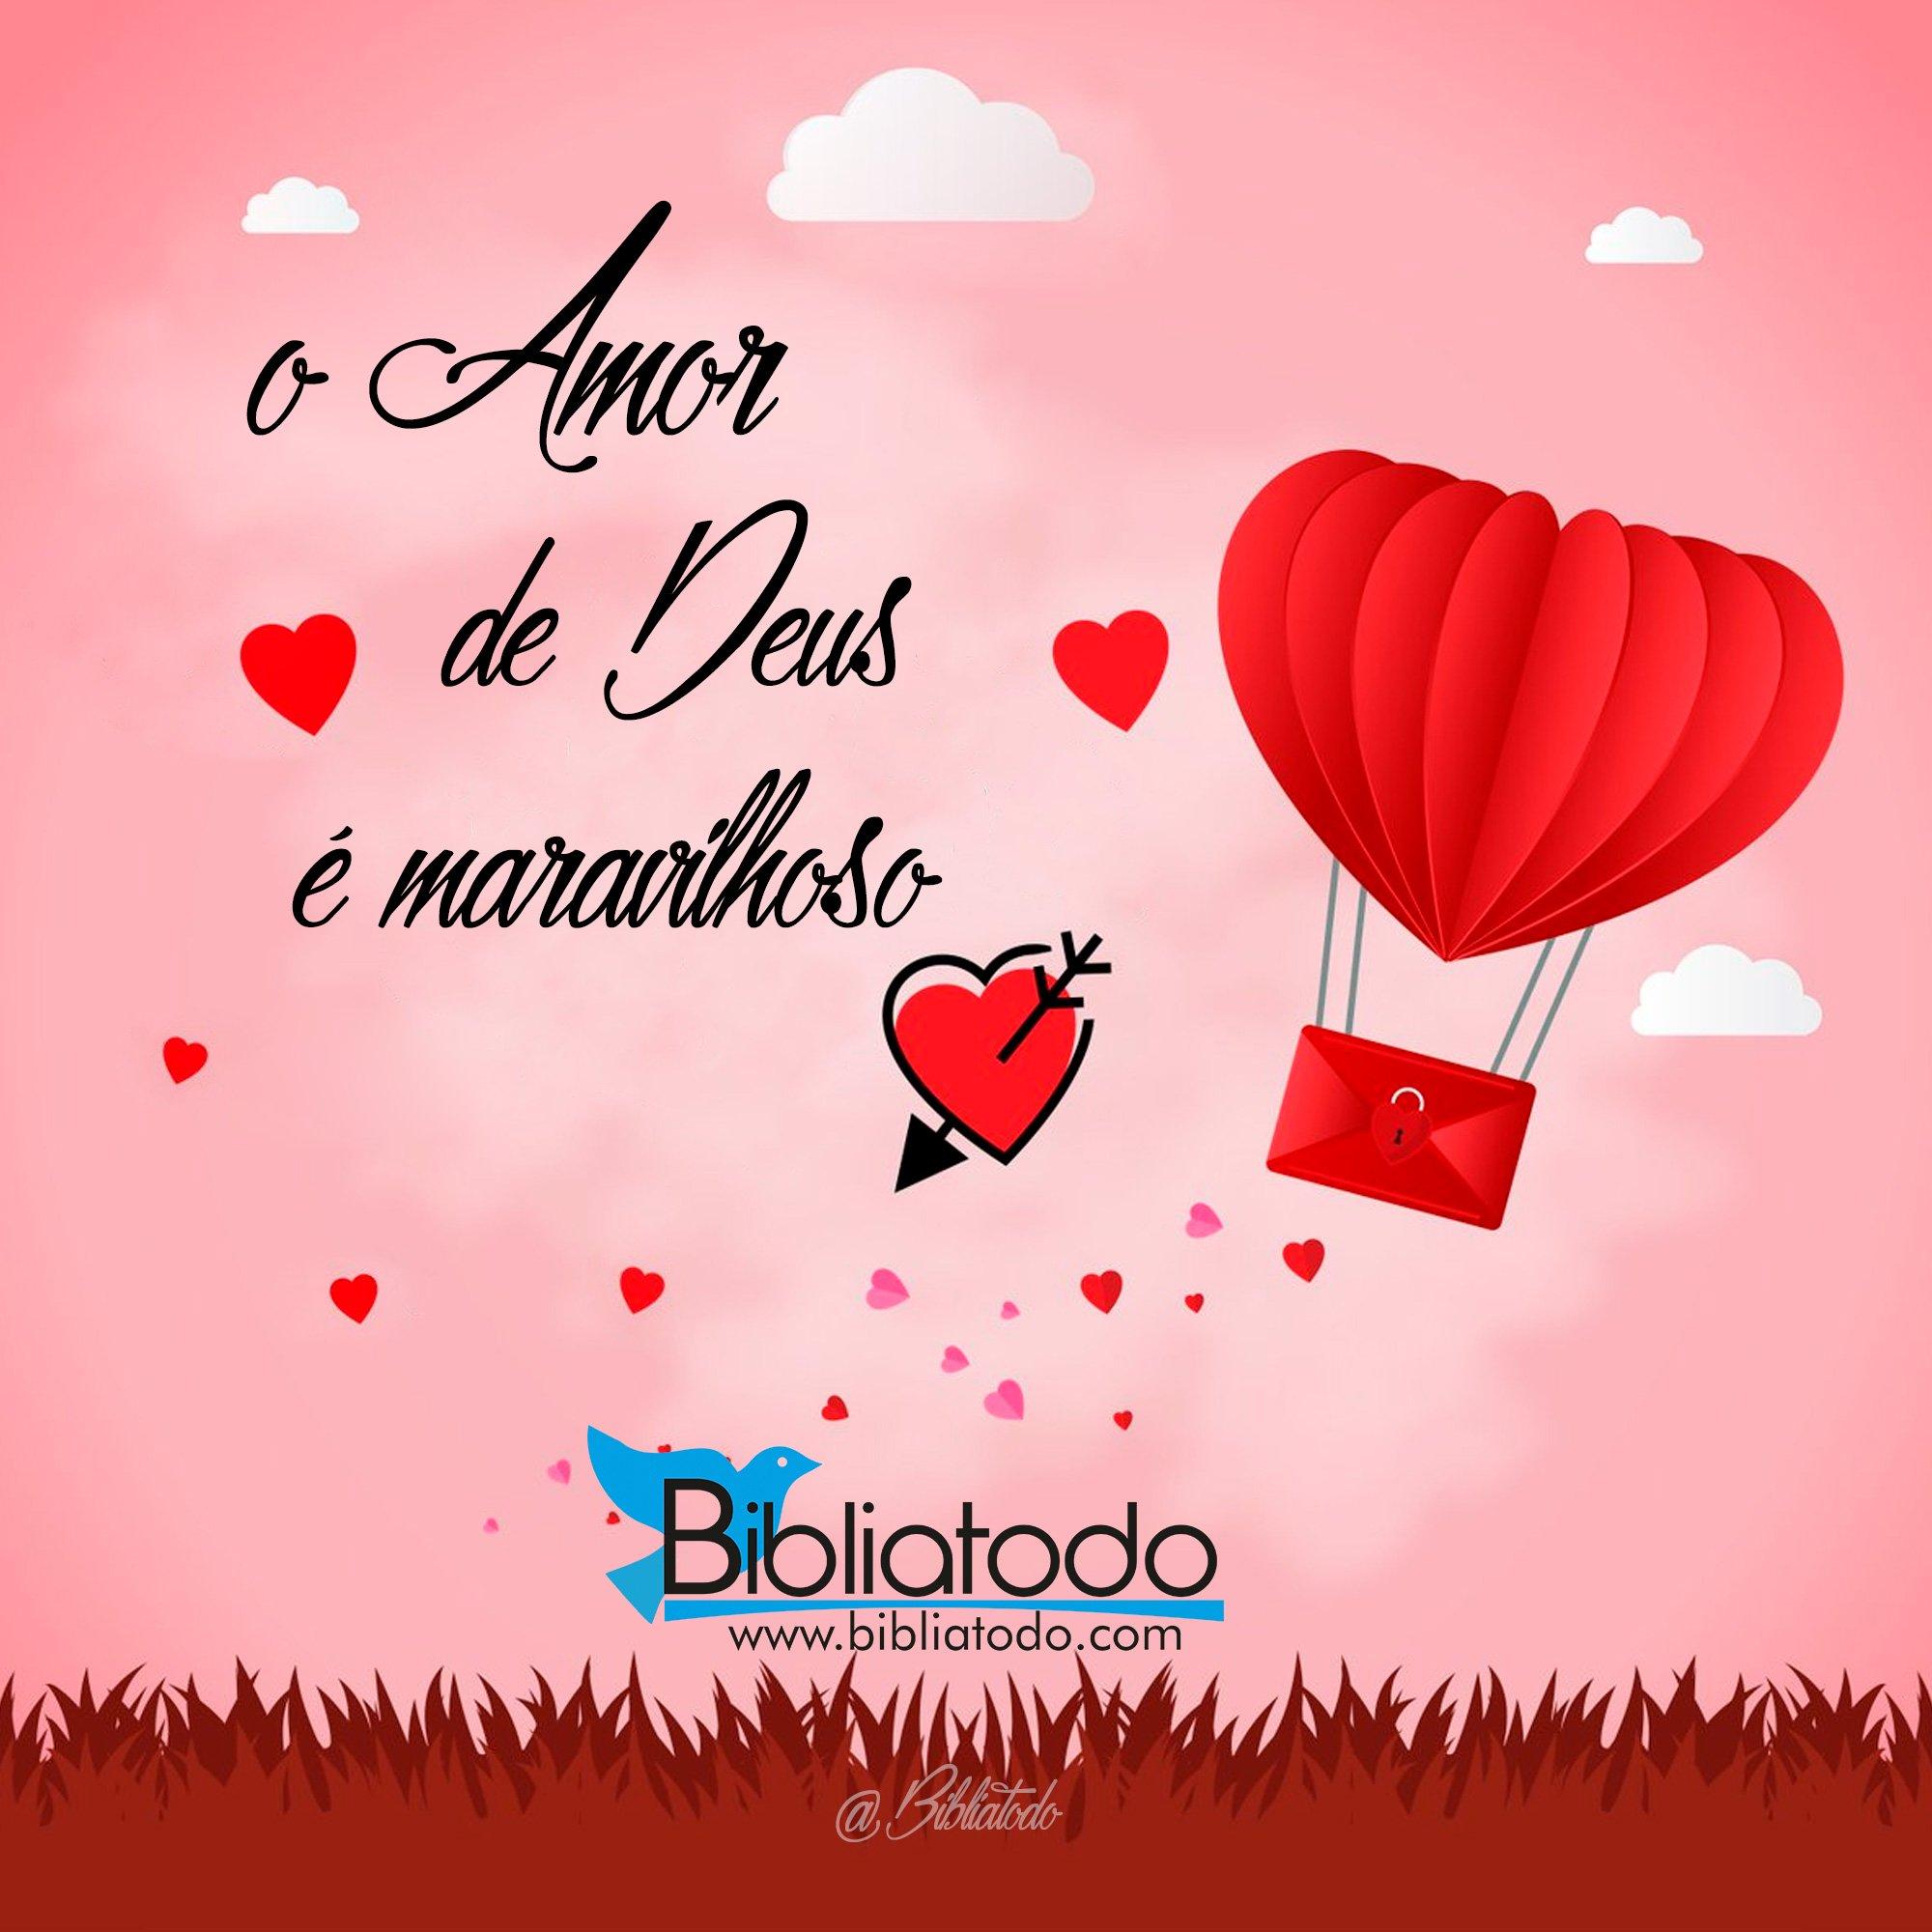 O amor de Deus é maravilho